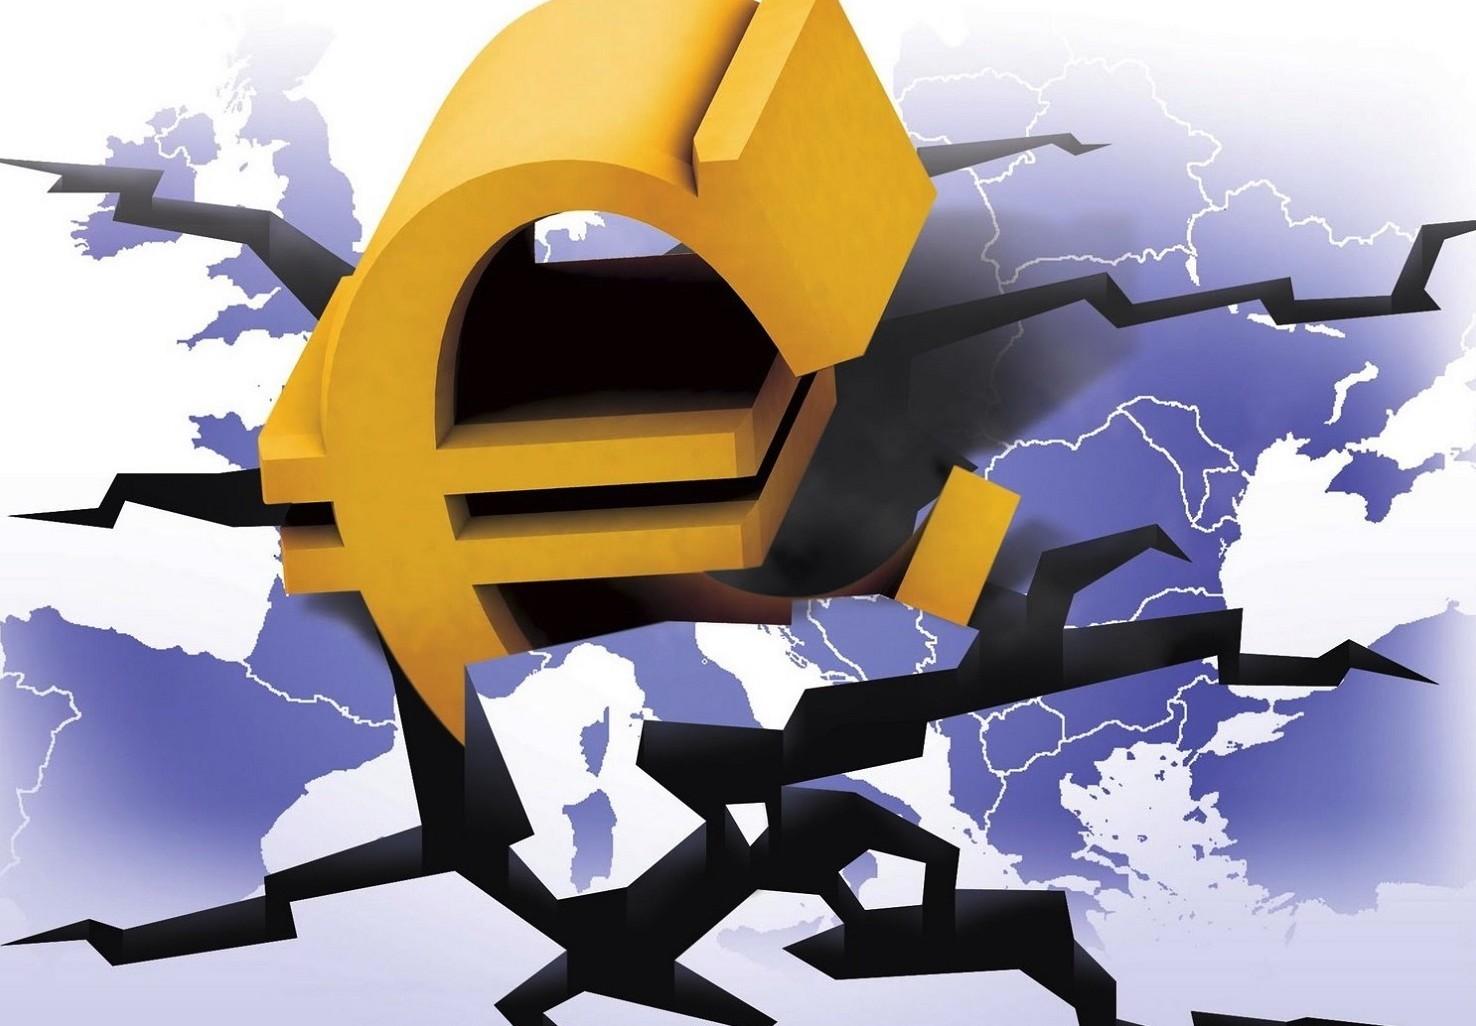 Europa a due velocità: cosa significa e scenari per l'Italia del nuovo progetto per l'Ue rilanciato da Merkel